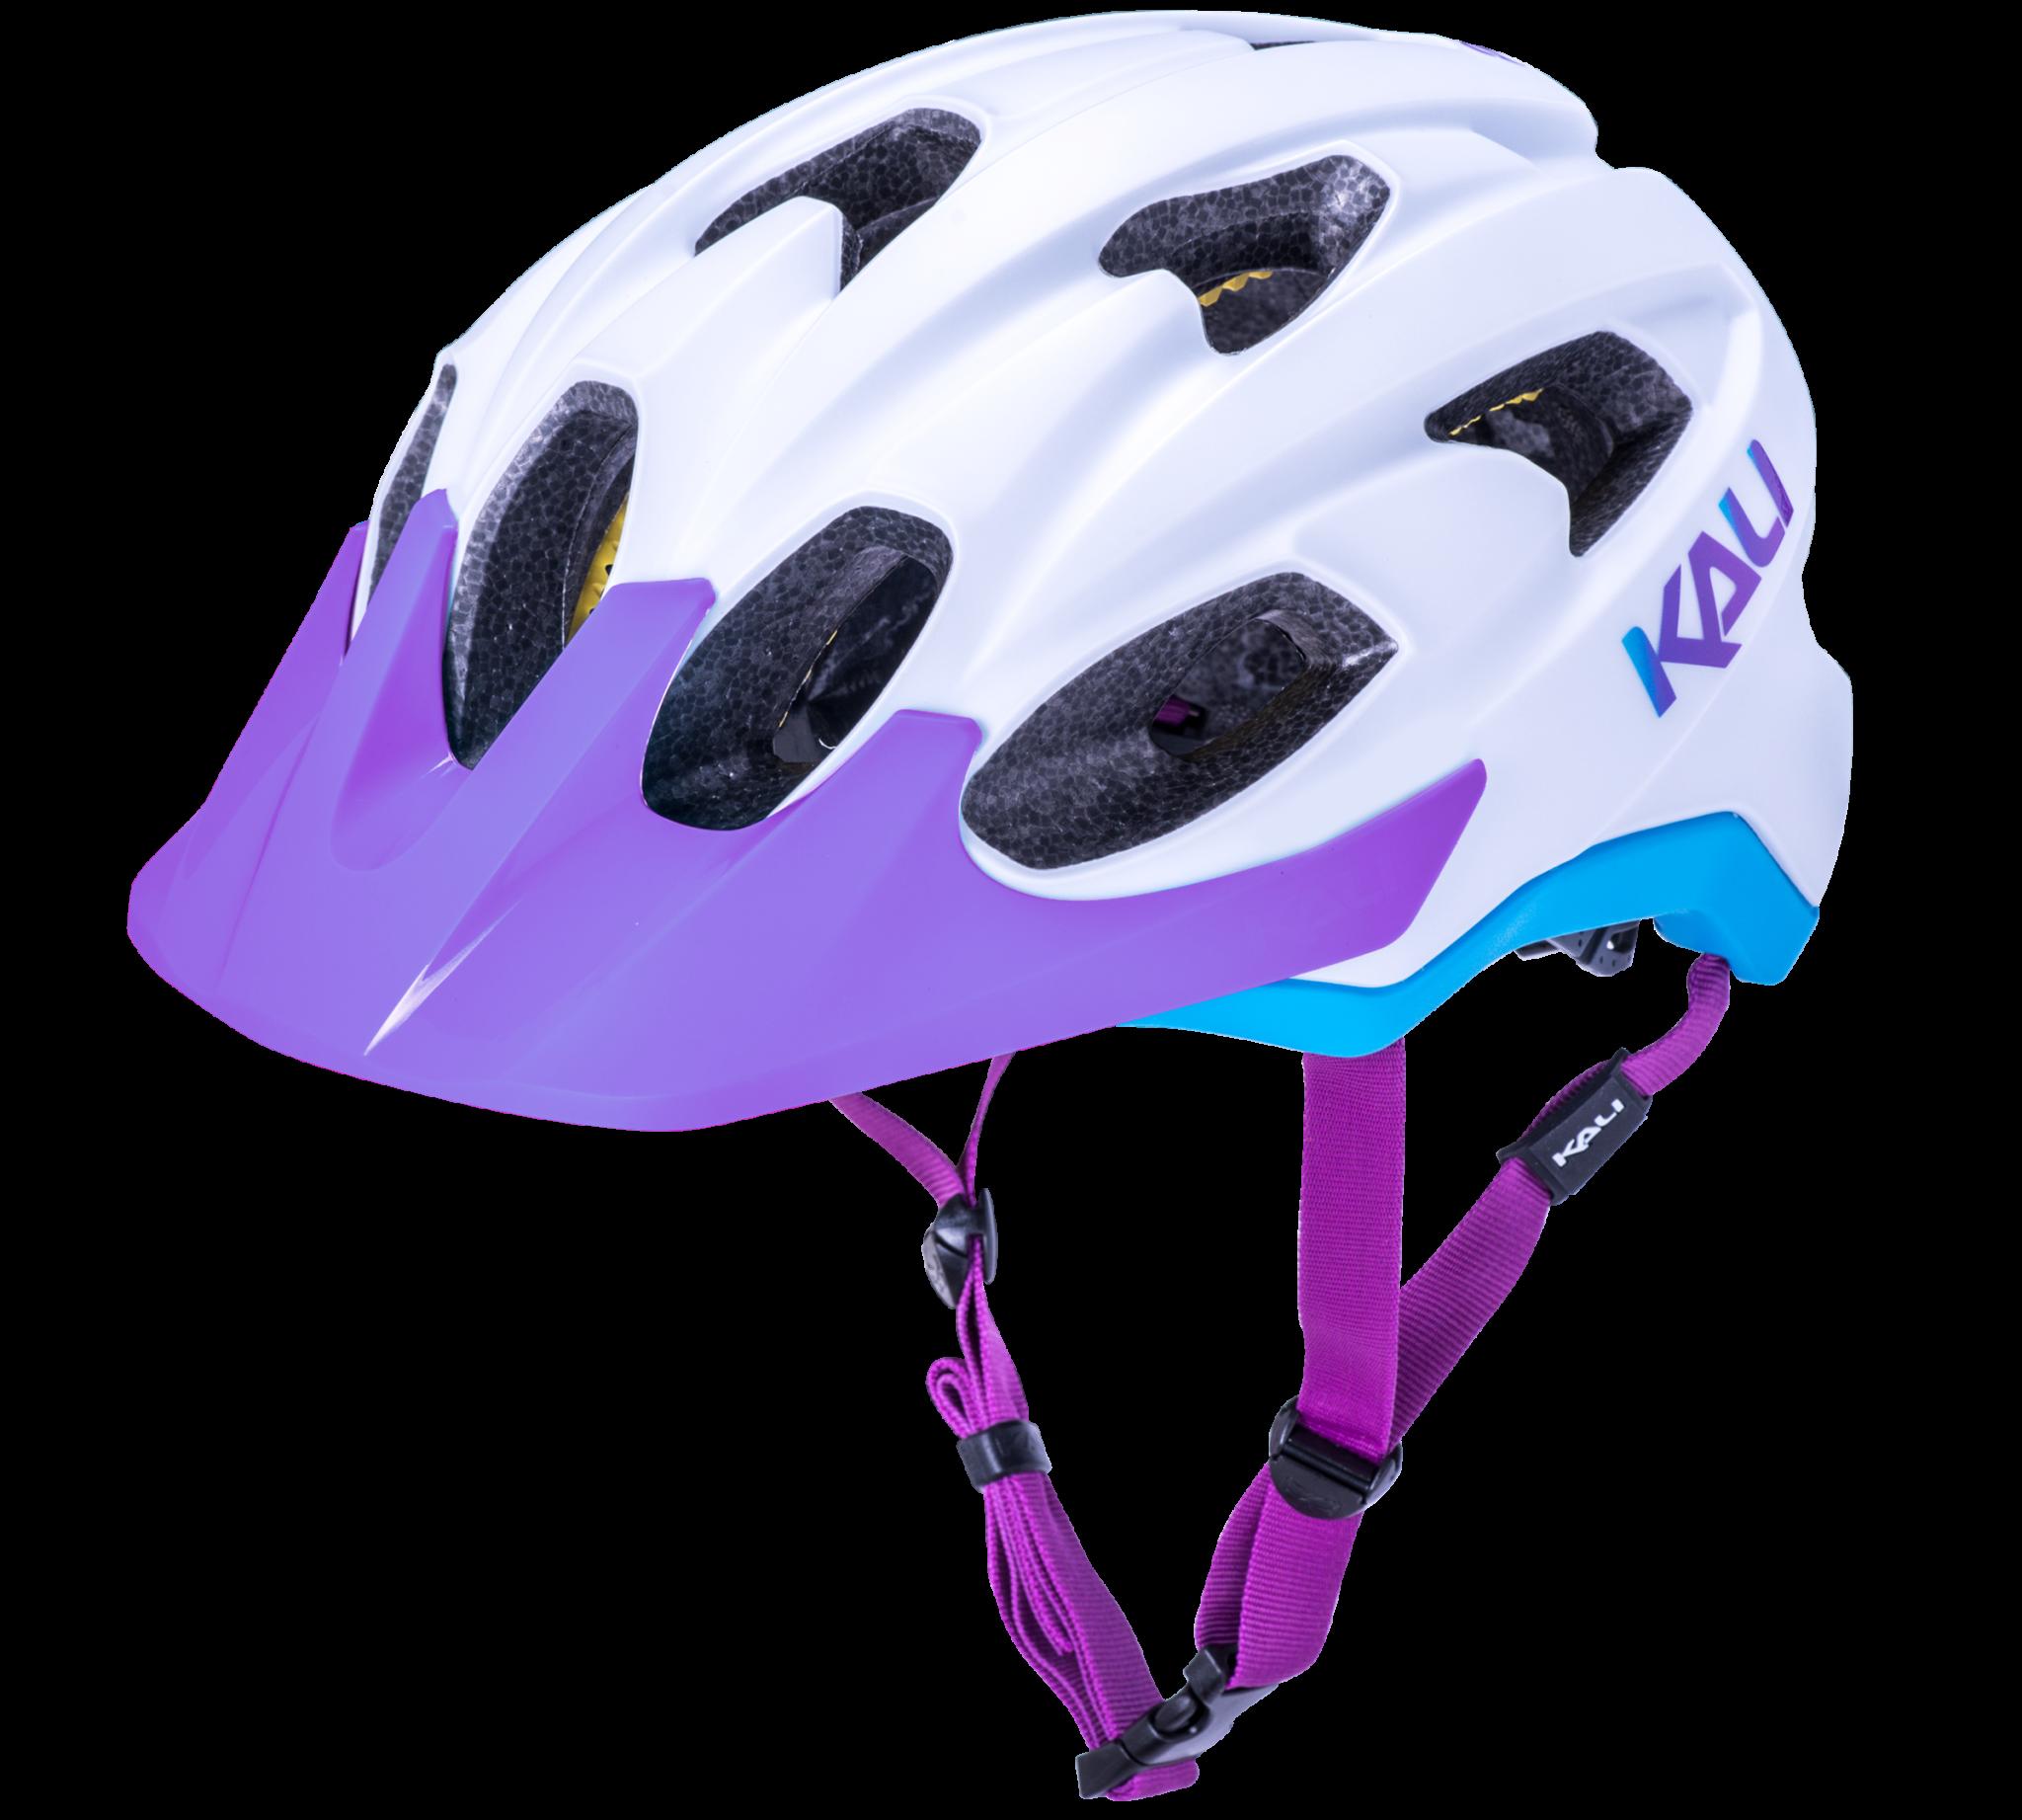 KALI Pace Trail Helmet, Wht/Blu/Prp - L/XL